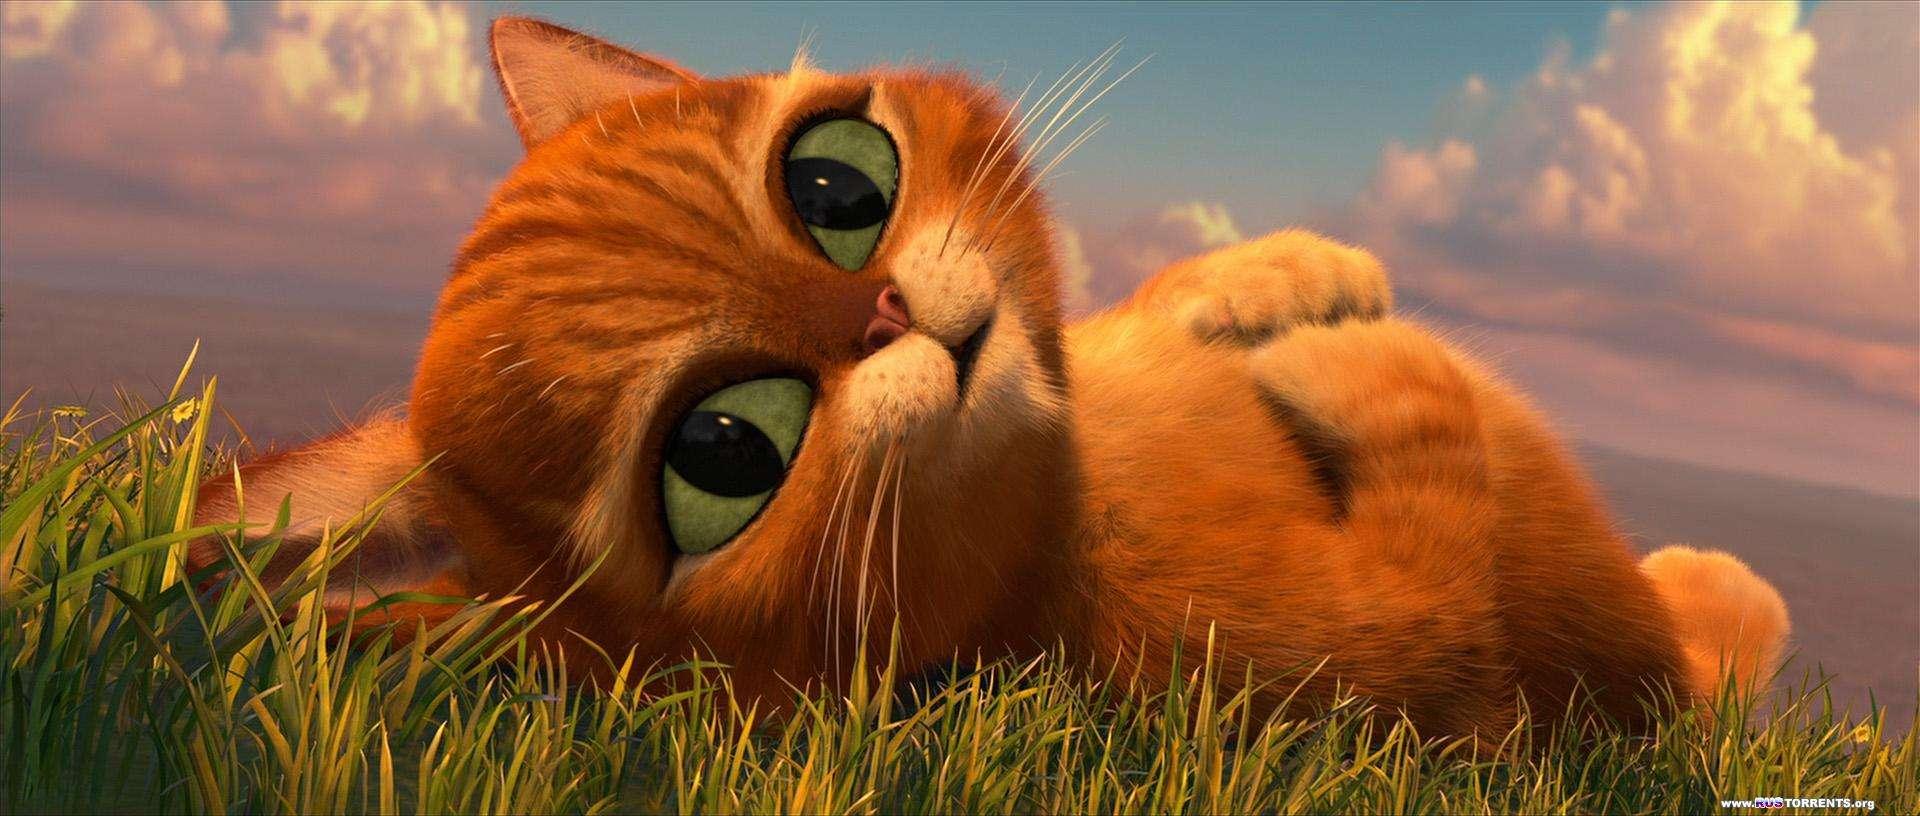 Кот в сапогах | BDRip 1080p